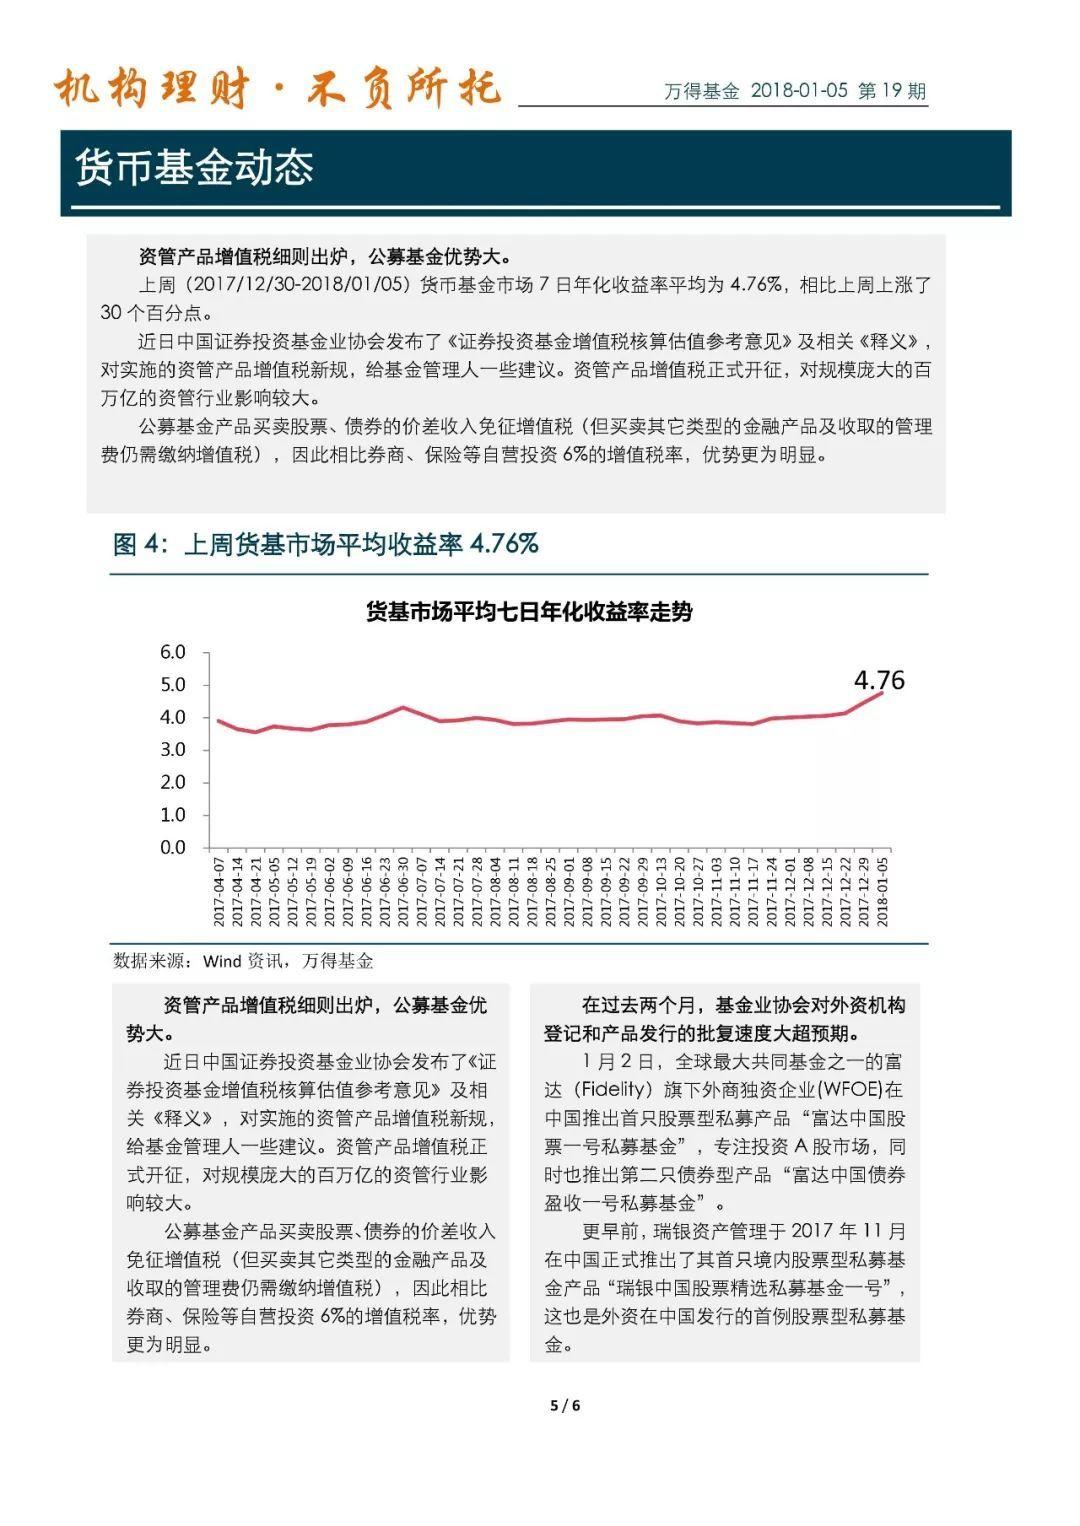 05):资管产品增值税细则出炉,公募基金优势大